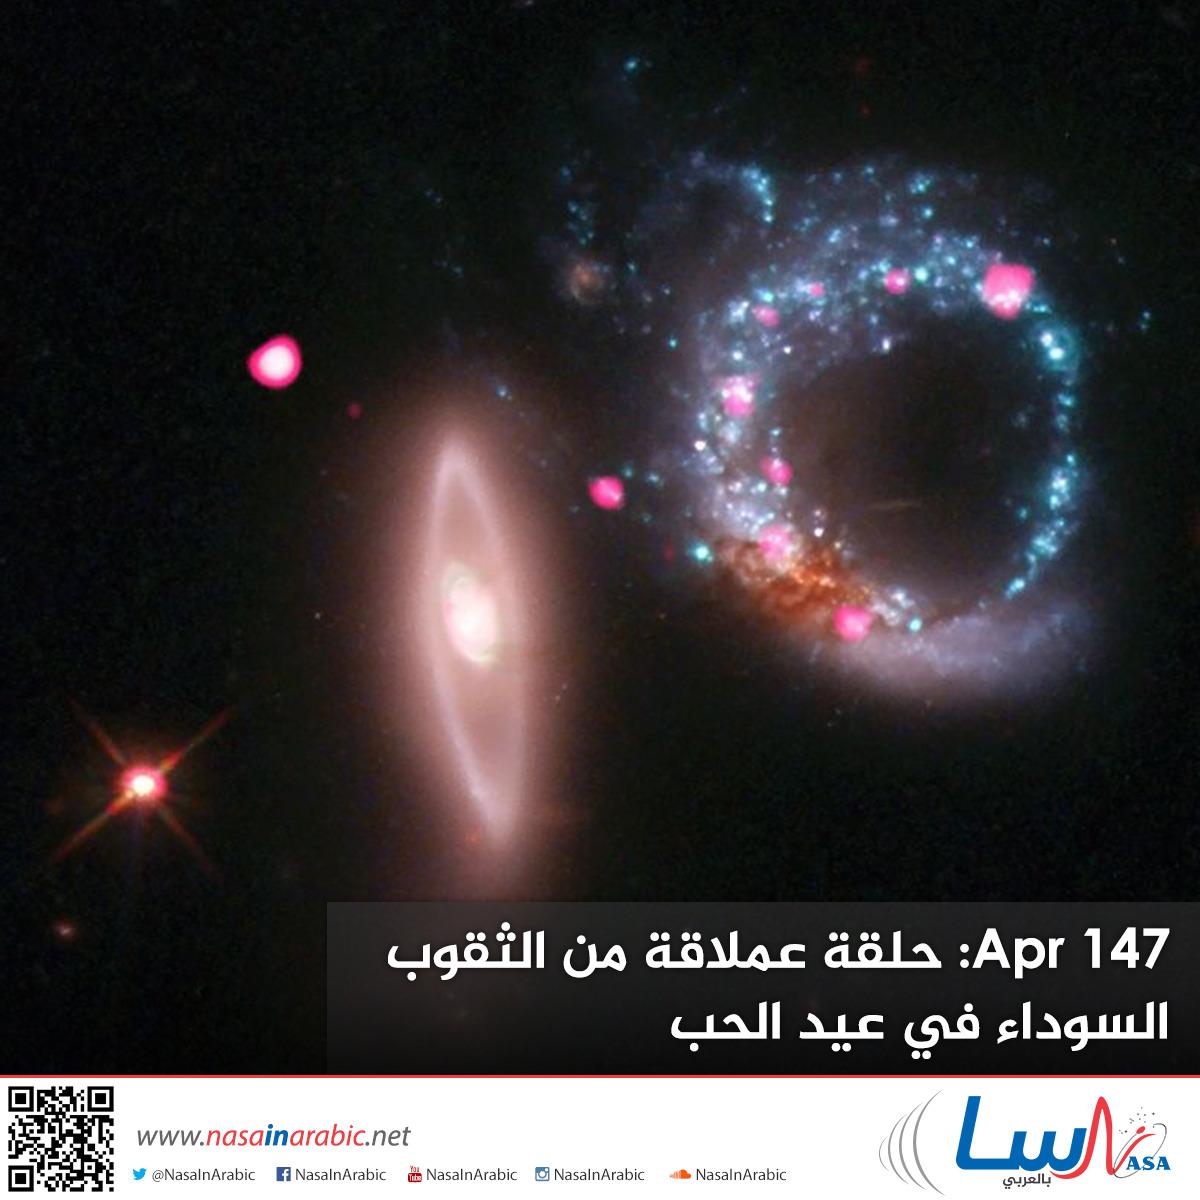 Apr 147: حلقة عملاقة من الثقوب السوداء في عيد الحب